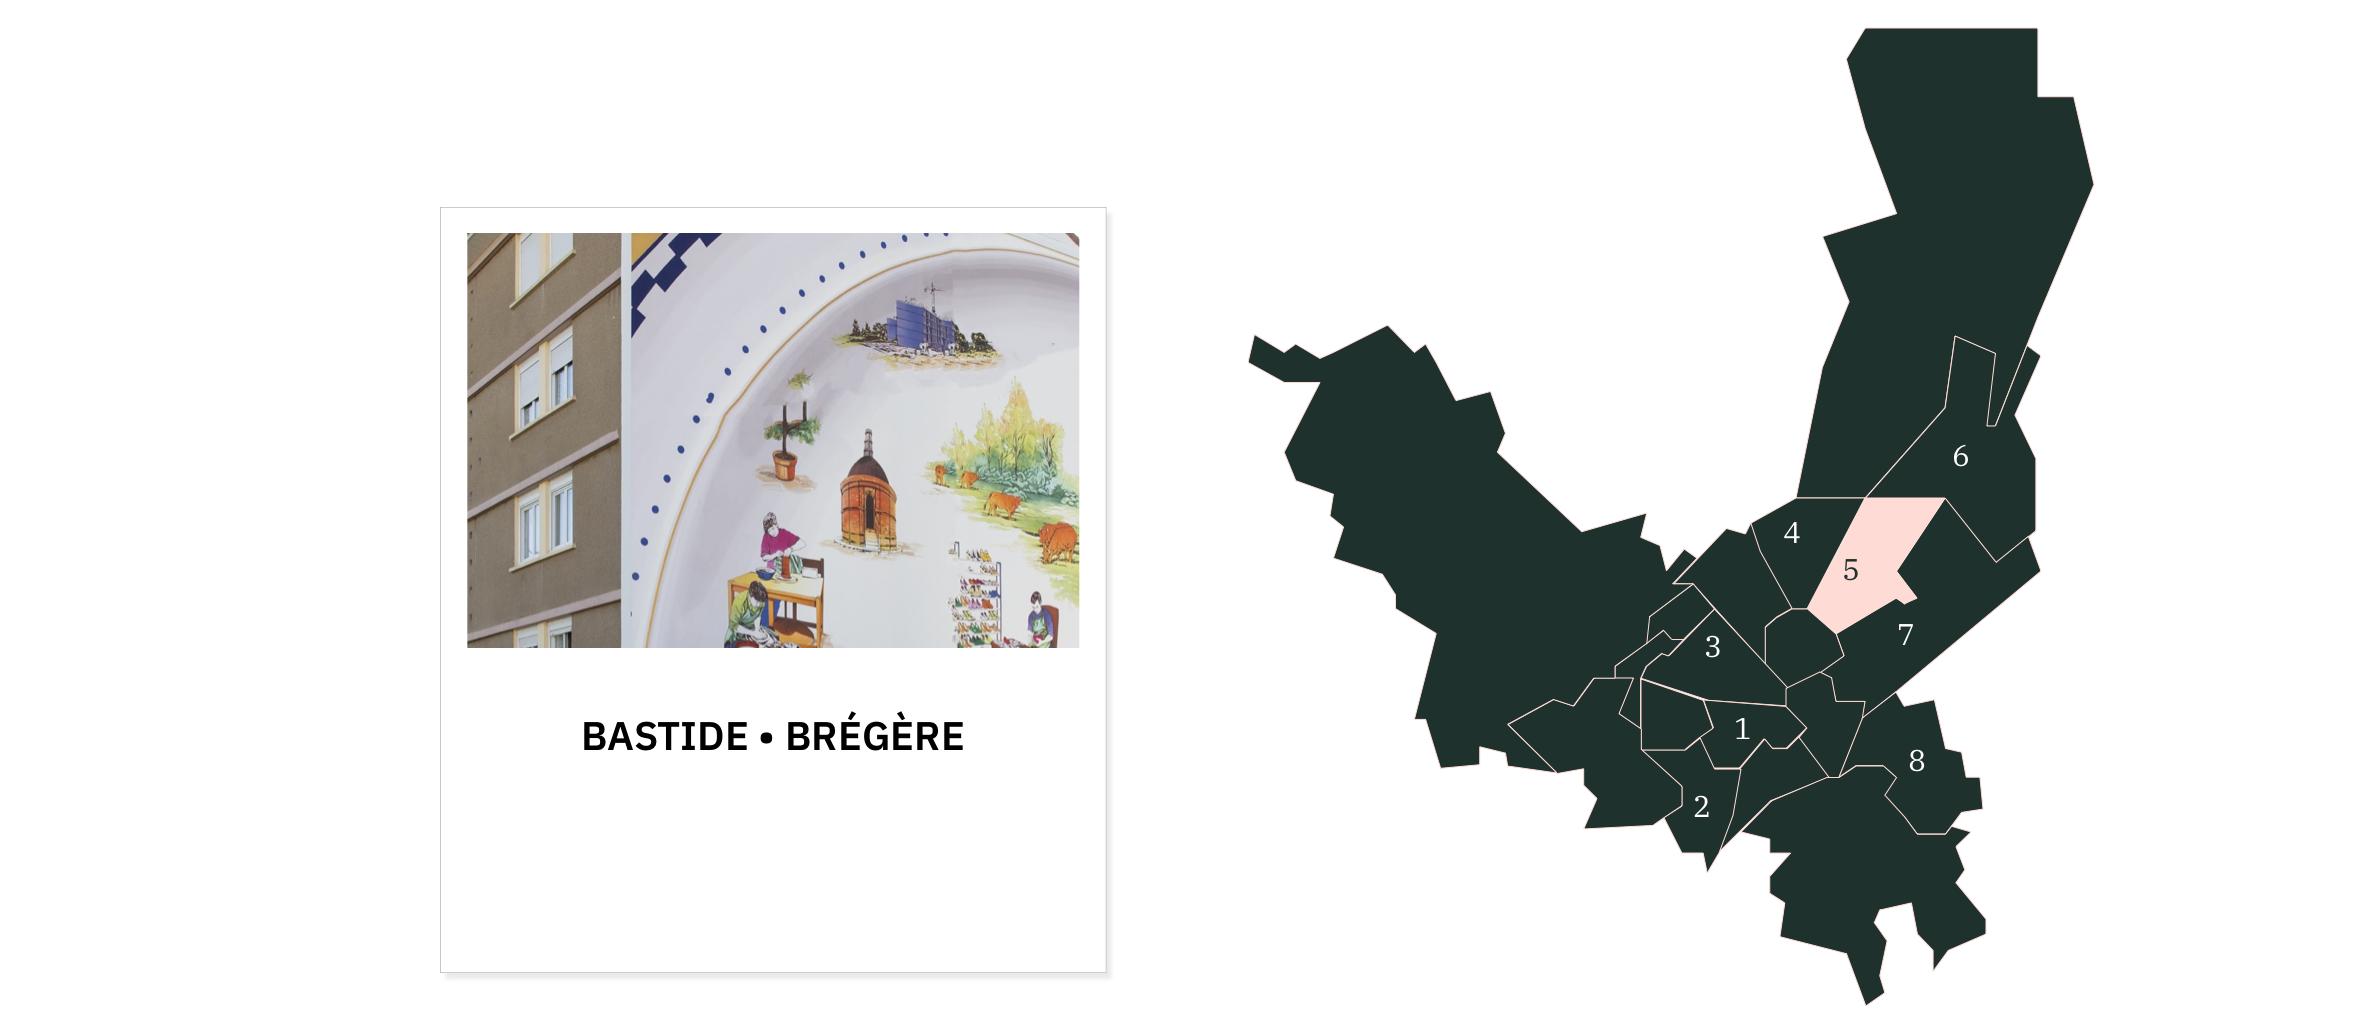 La Bastide • Brégère  ⎮ Quartiers de Limoges